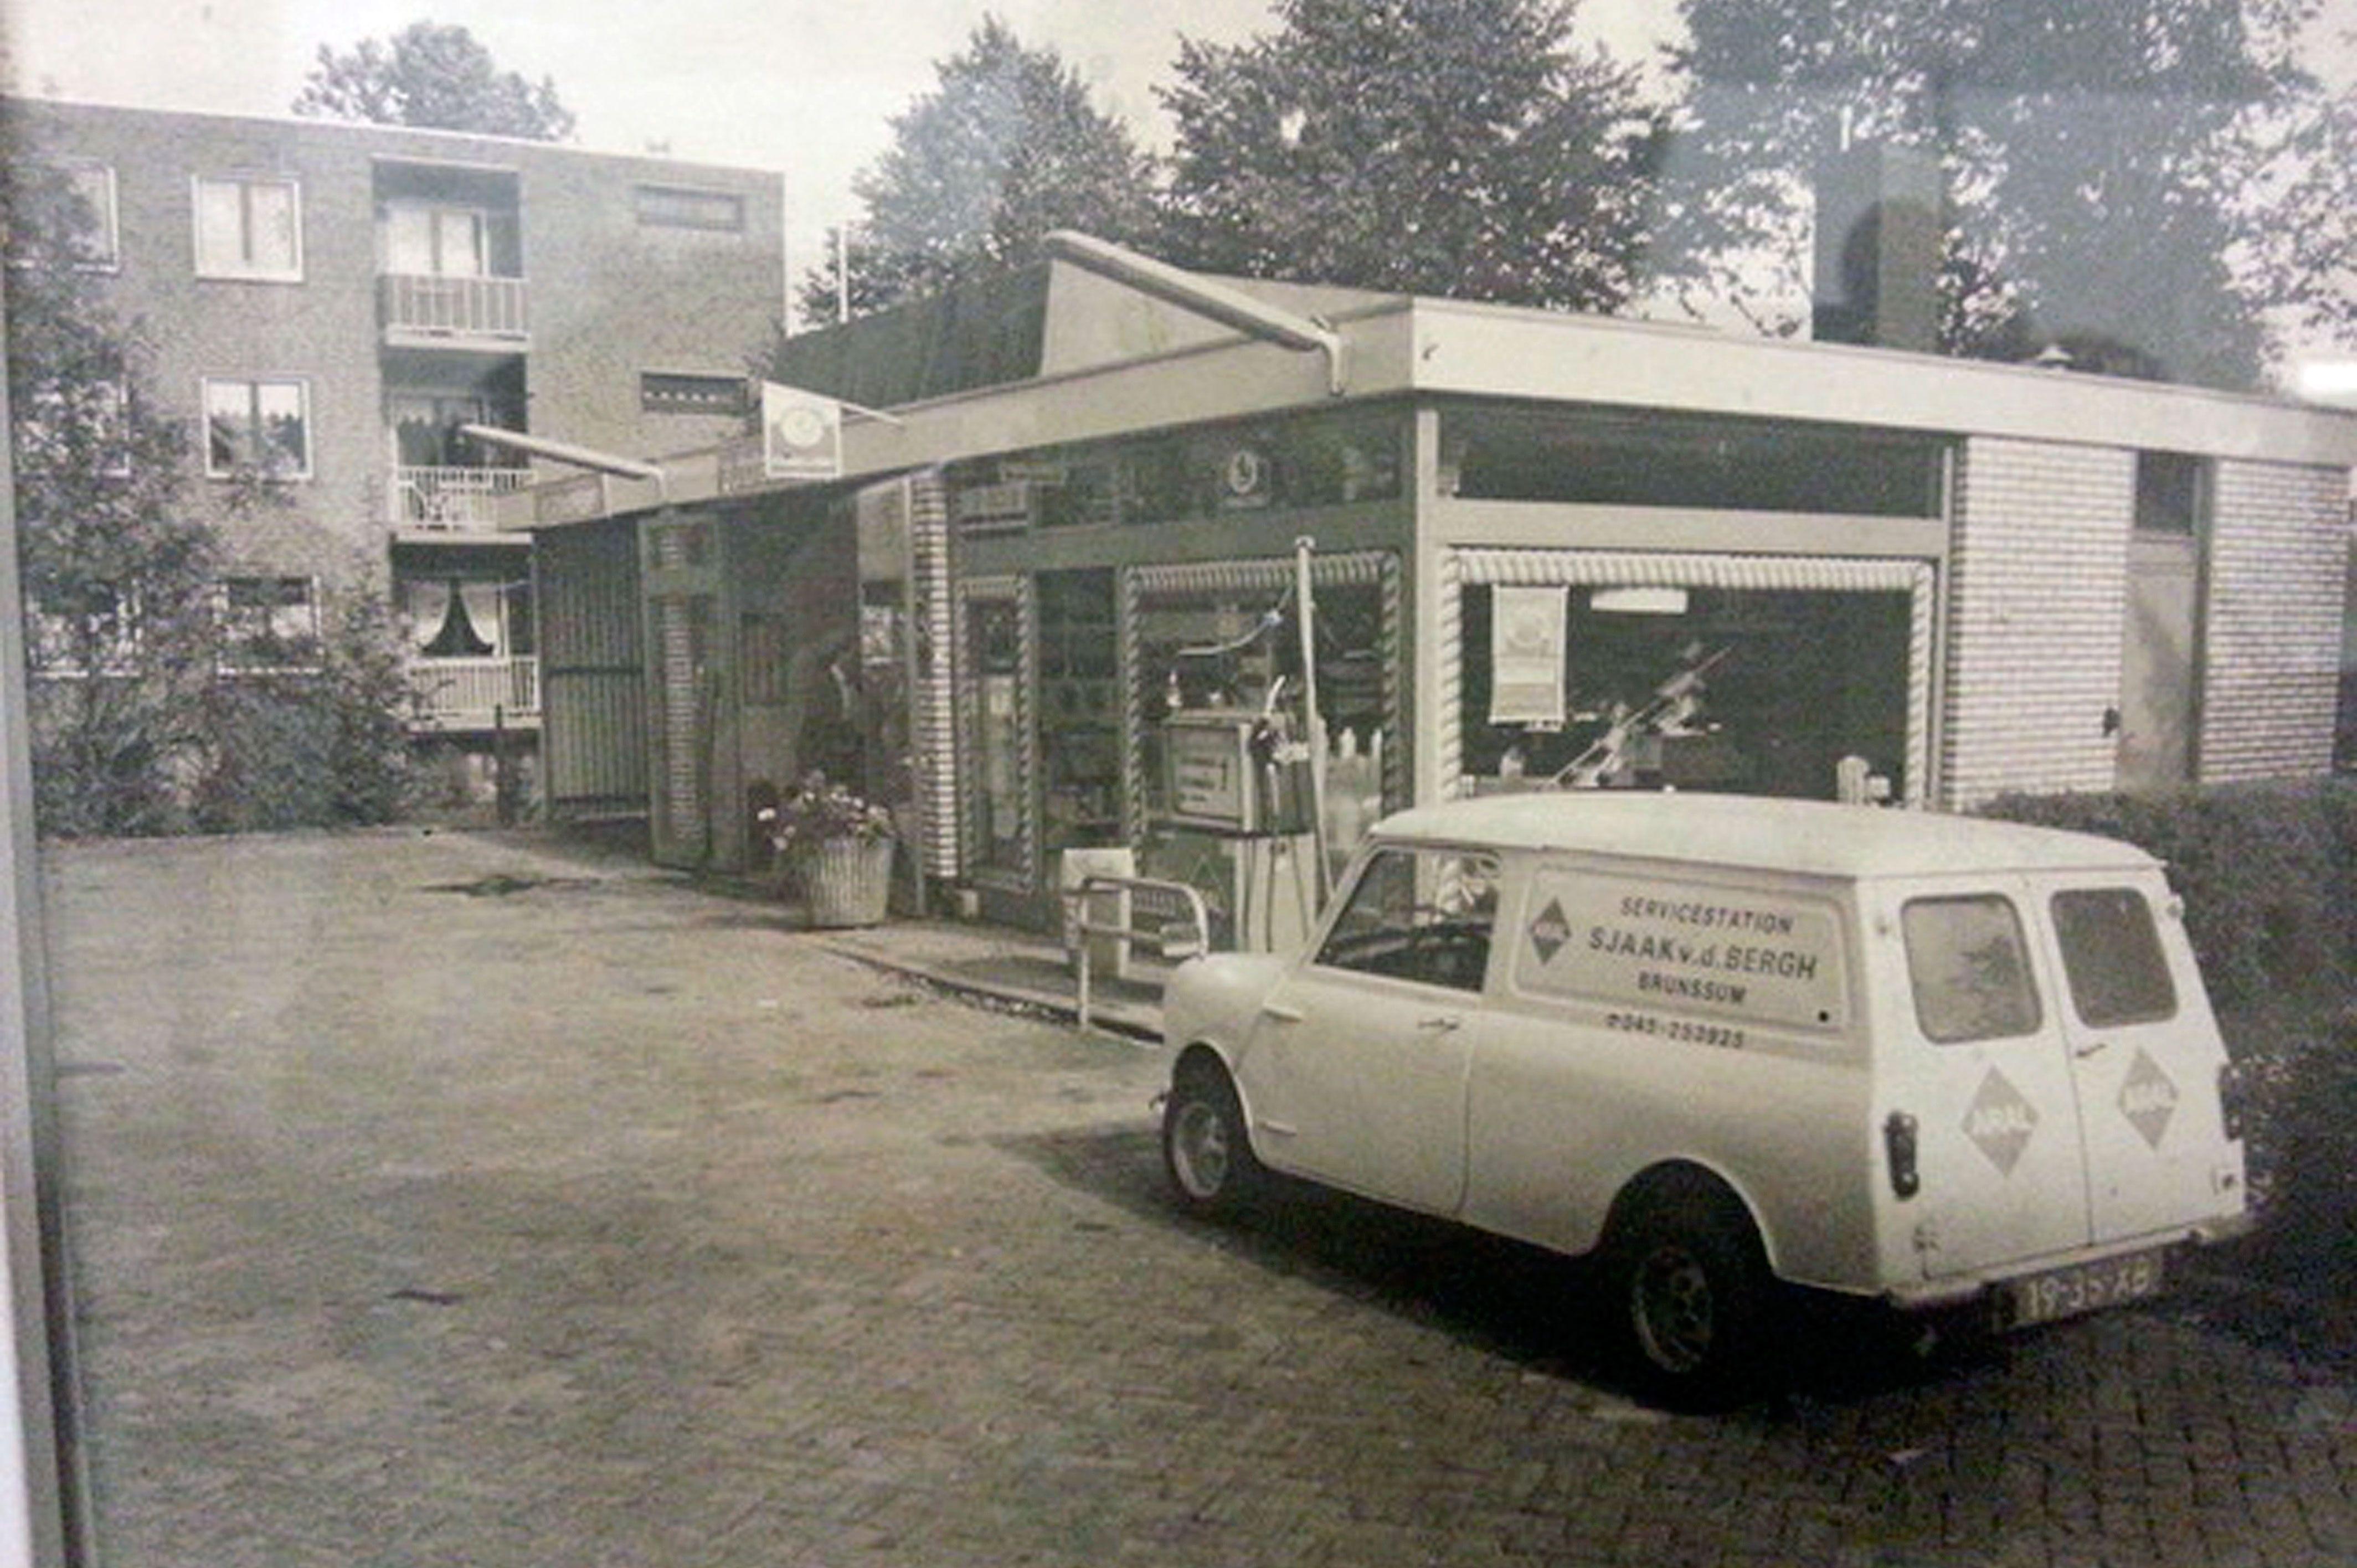 Classic Mini Center Brunssum